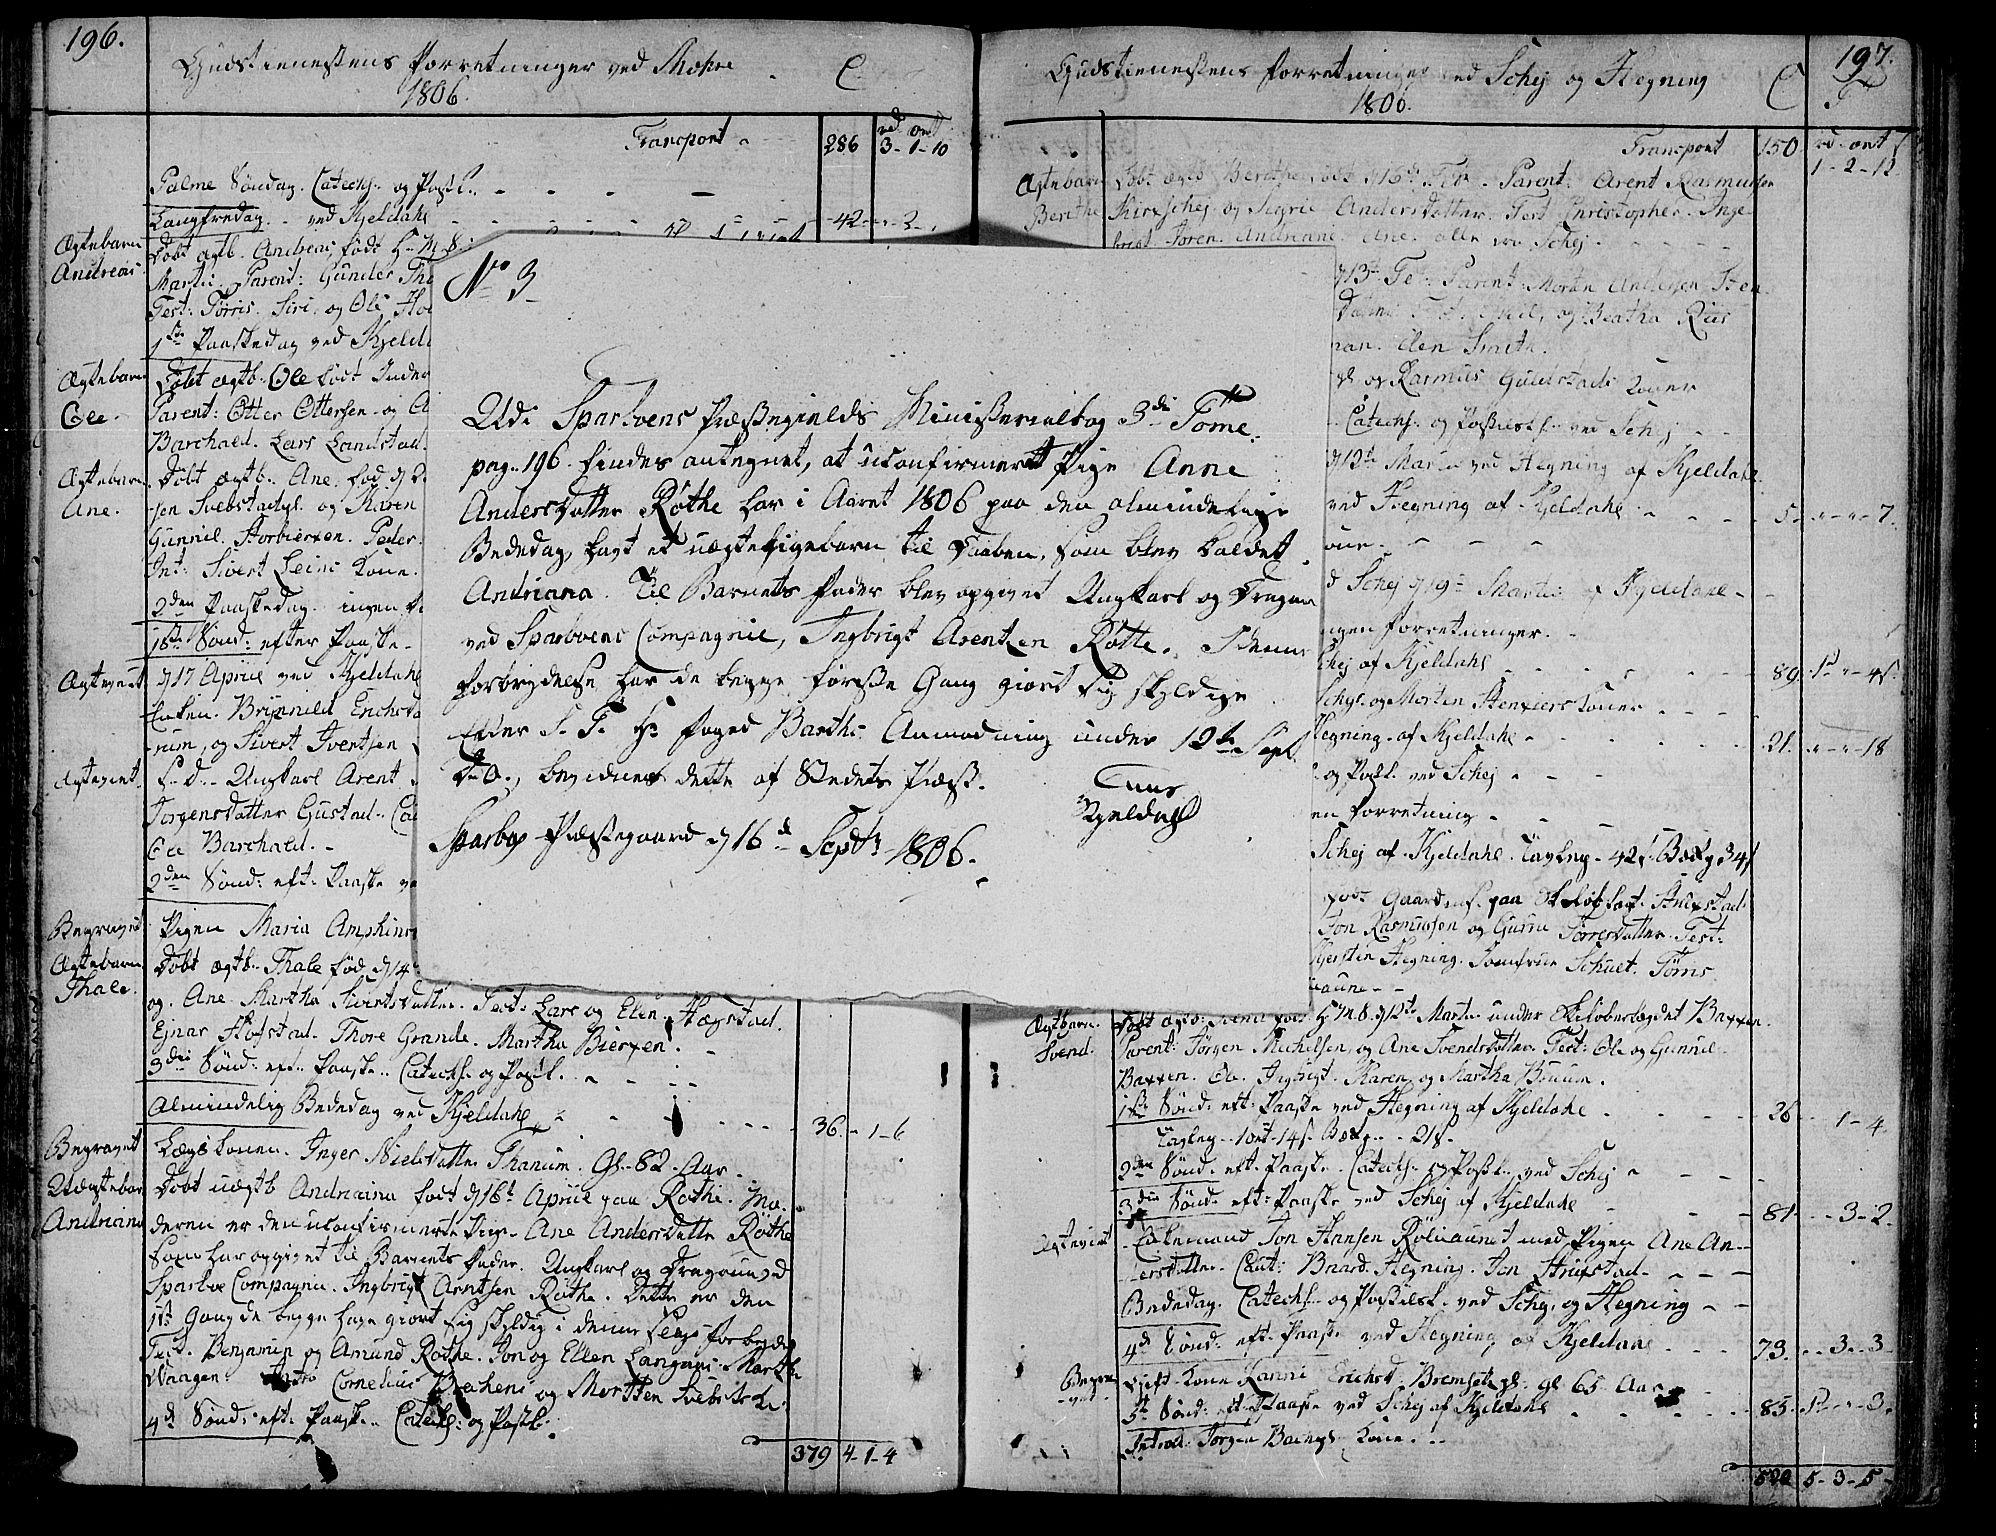 SAT, Ministerialprotokoller, klokkerbøker og fødselsregistre - Nord-Trøndelag, 735/L0332: Ministerialbok nr. 735A03, 1795-1816, s. 196-197